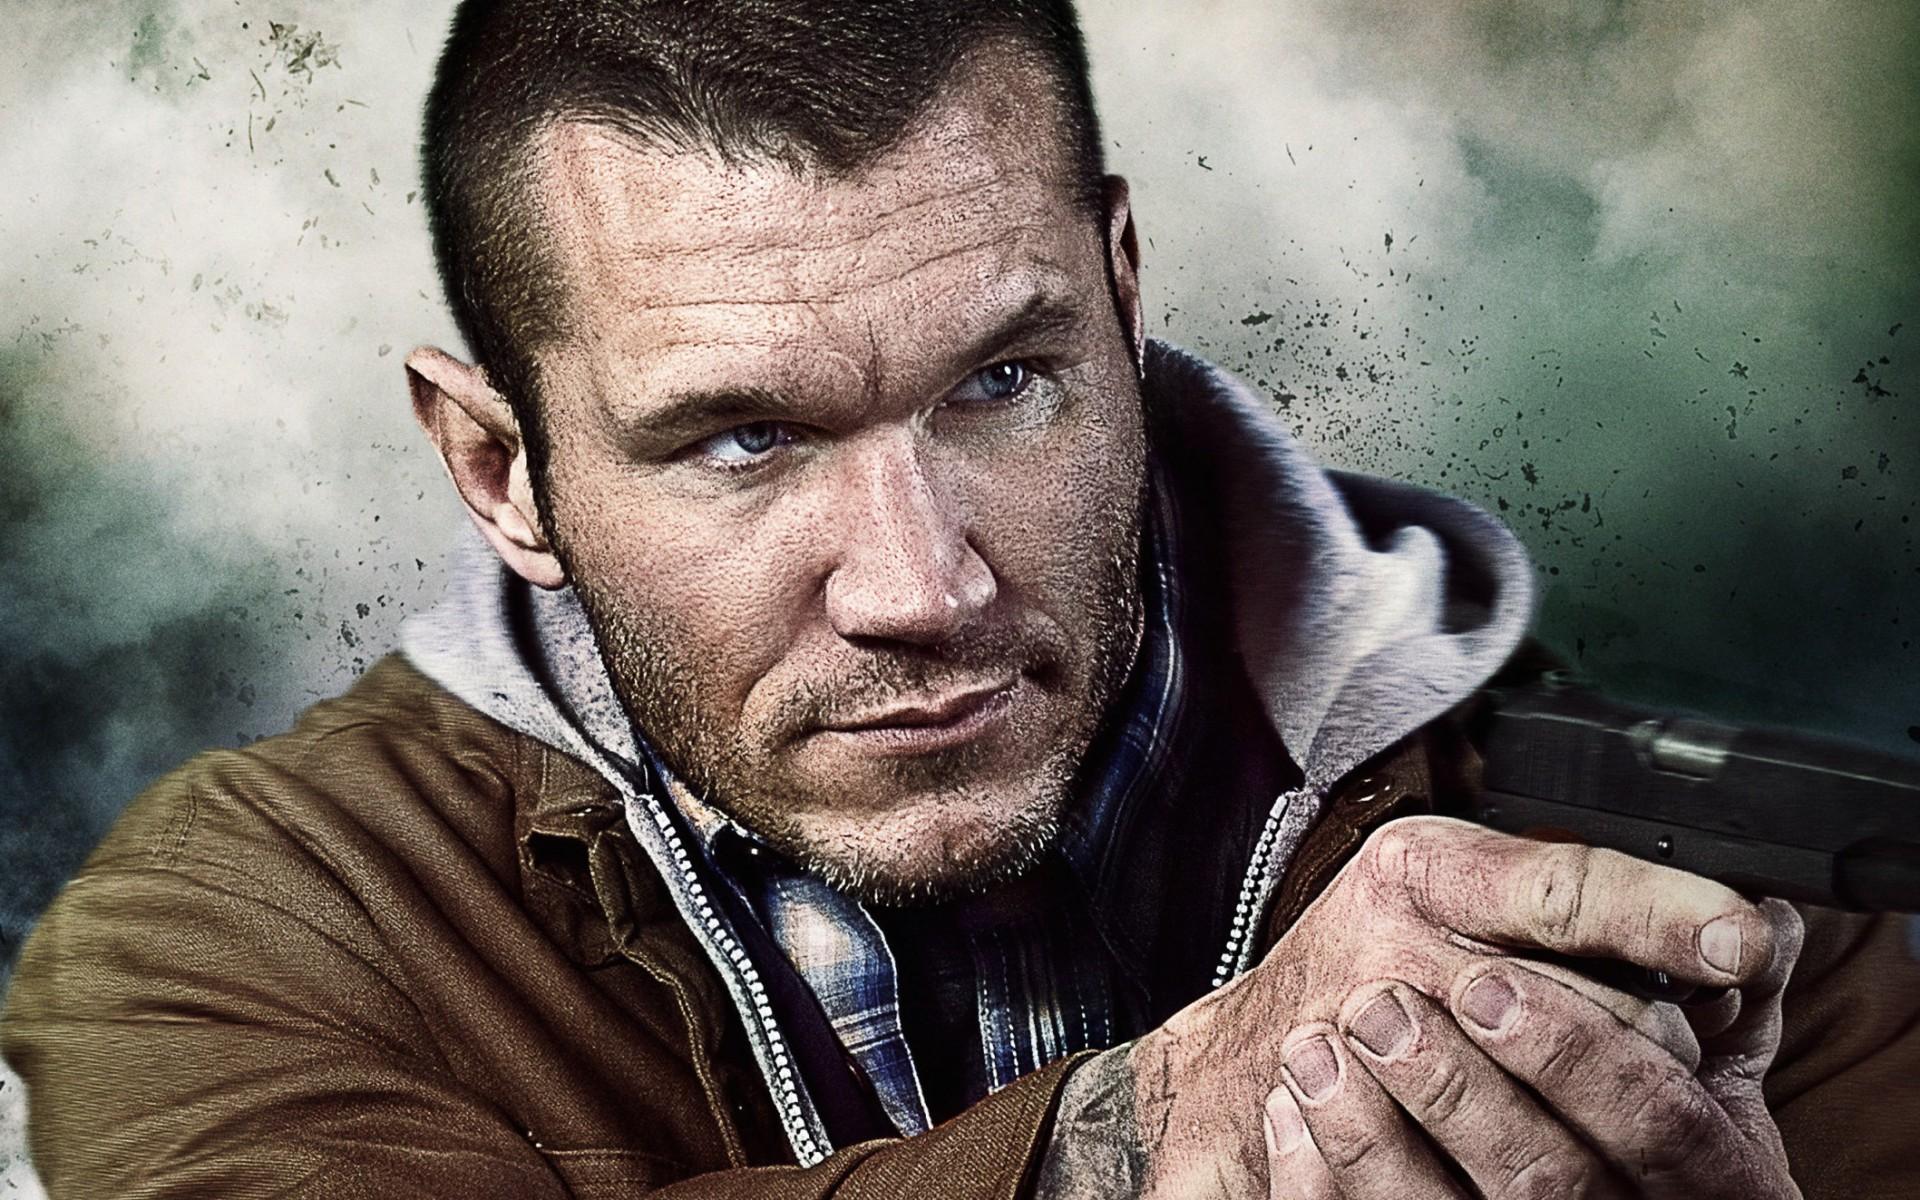 Photo of Recenzija filma CONDEMNED 2: Što je Randy Orton izvan ringa?